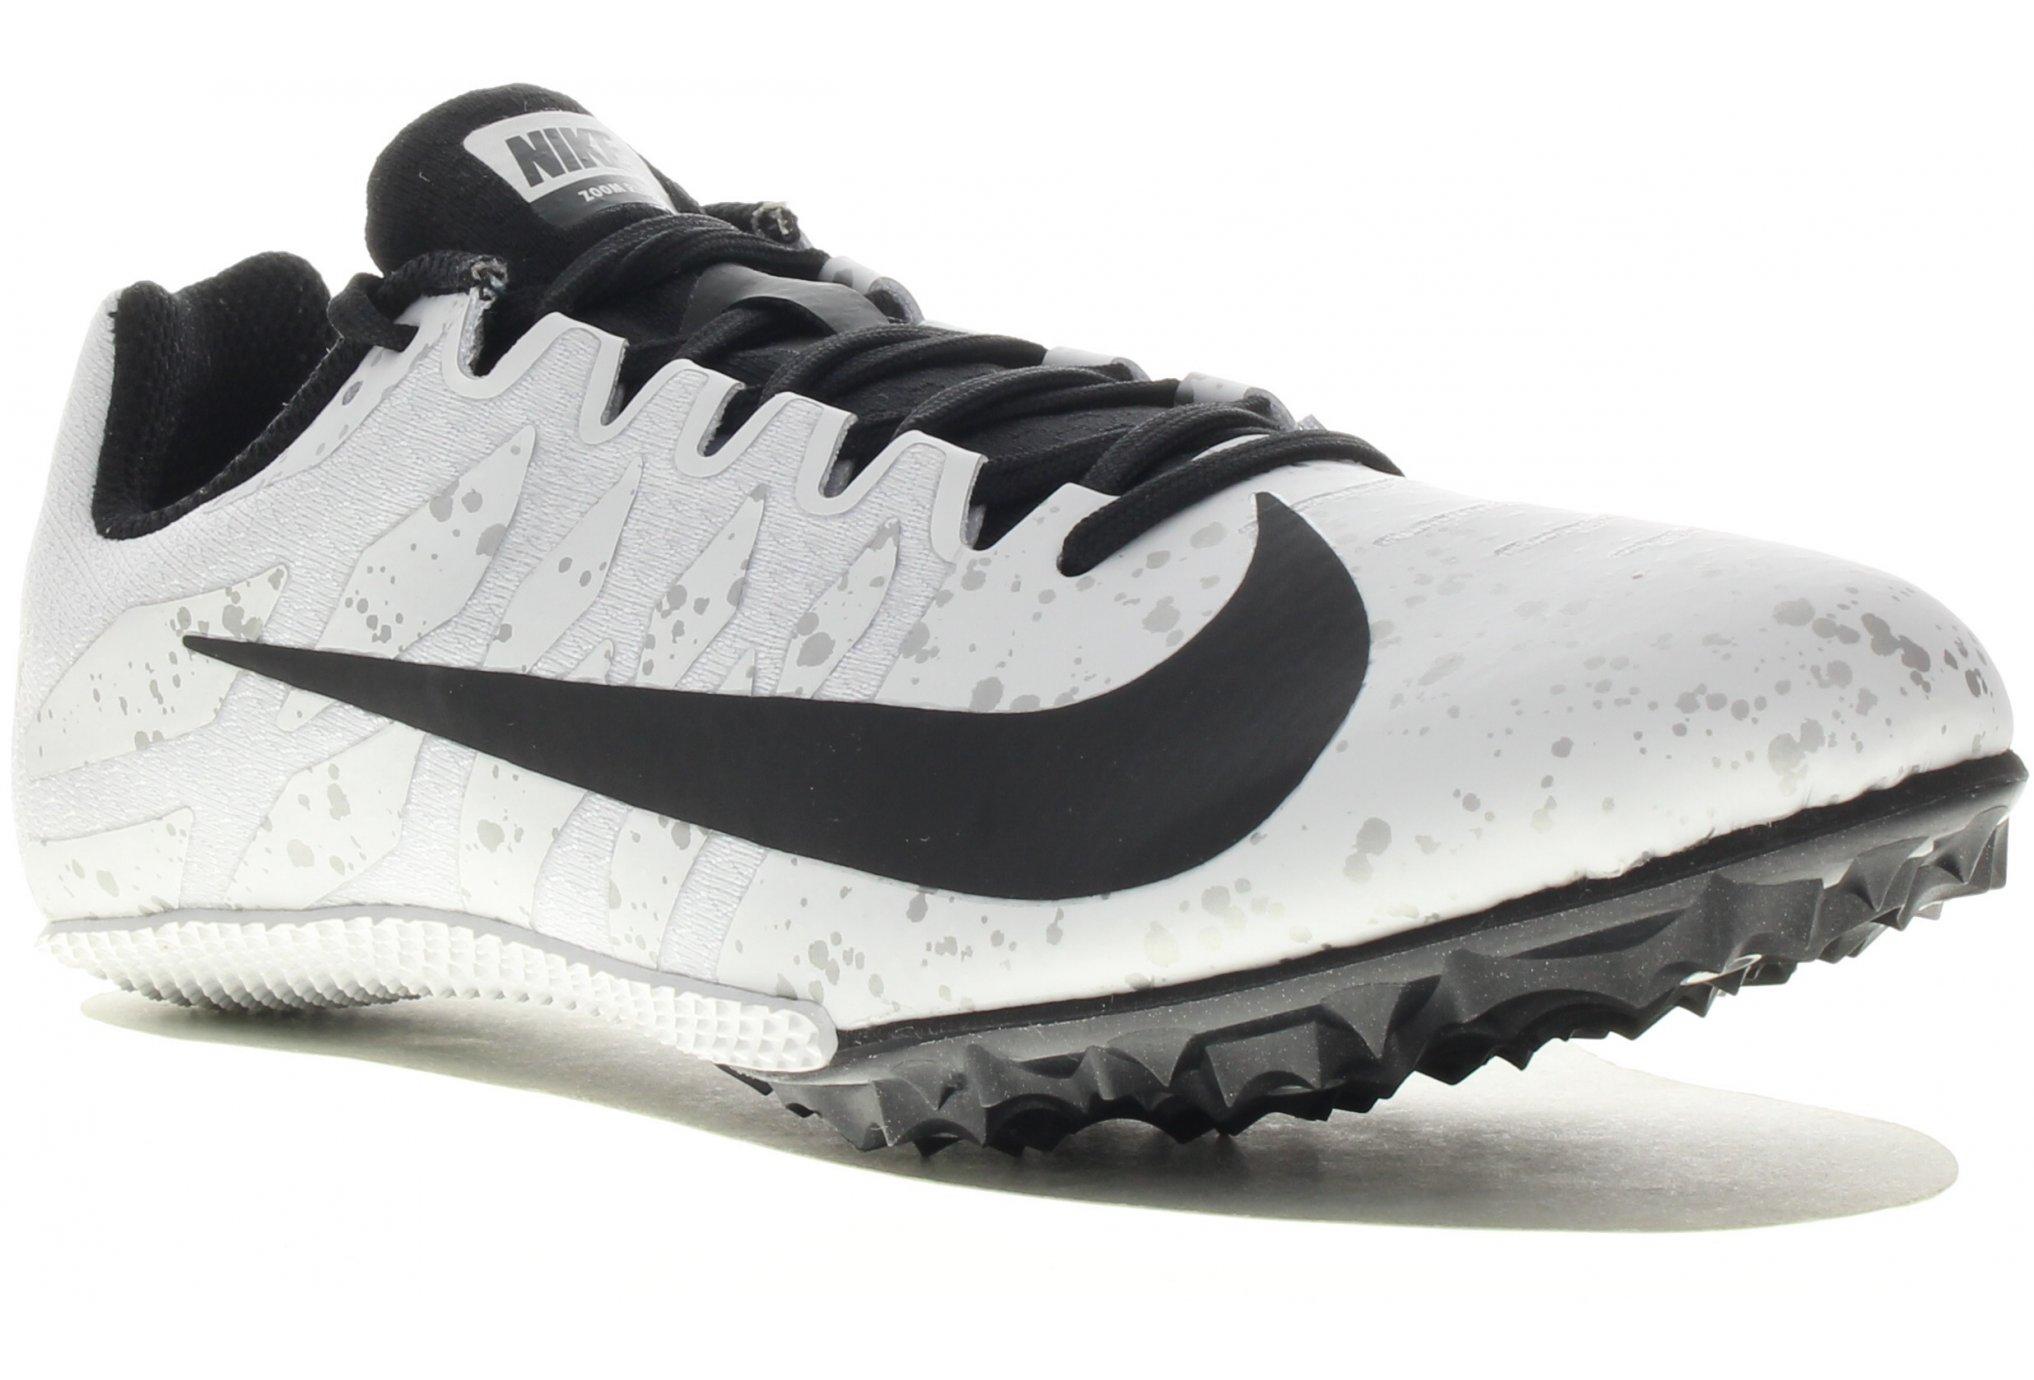 Nike Zoom Rival S 9 W Diététique Chaussures femme